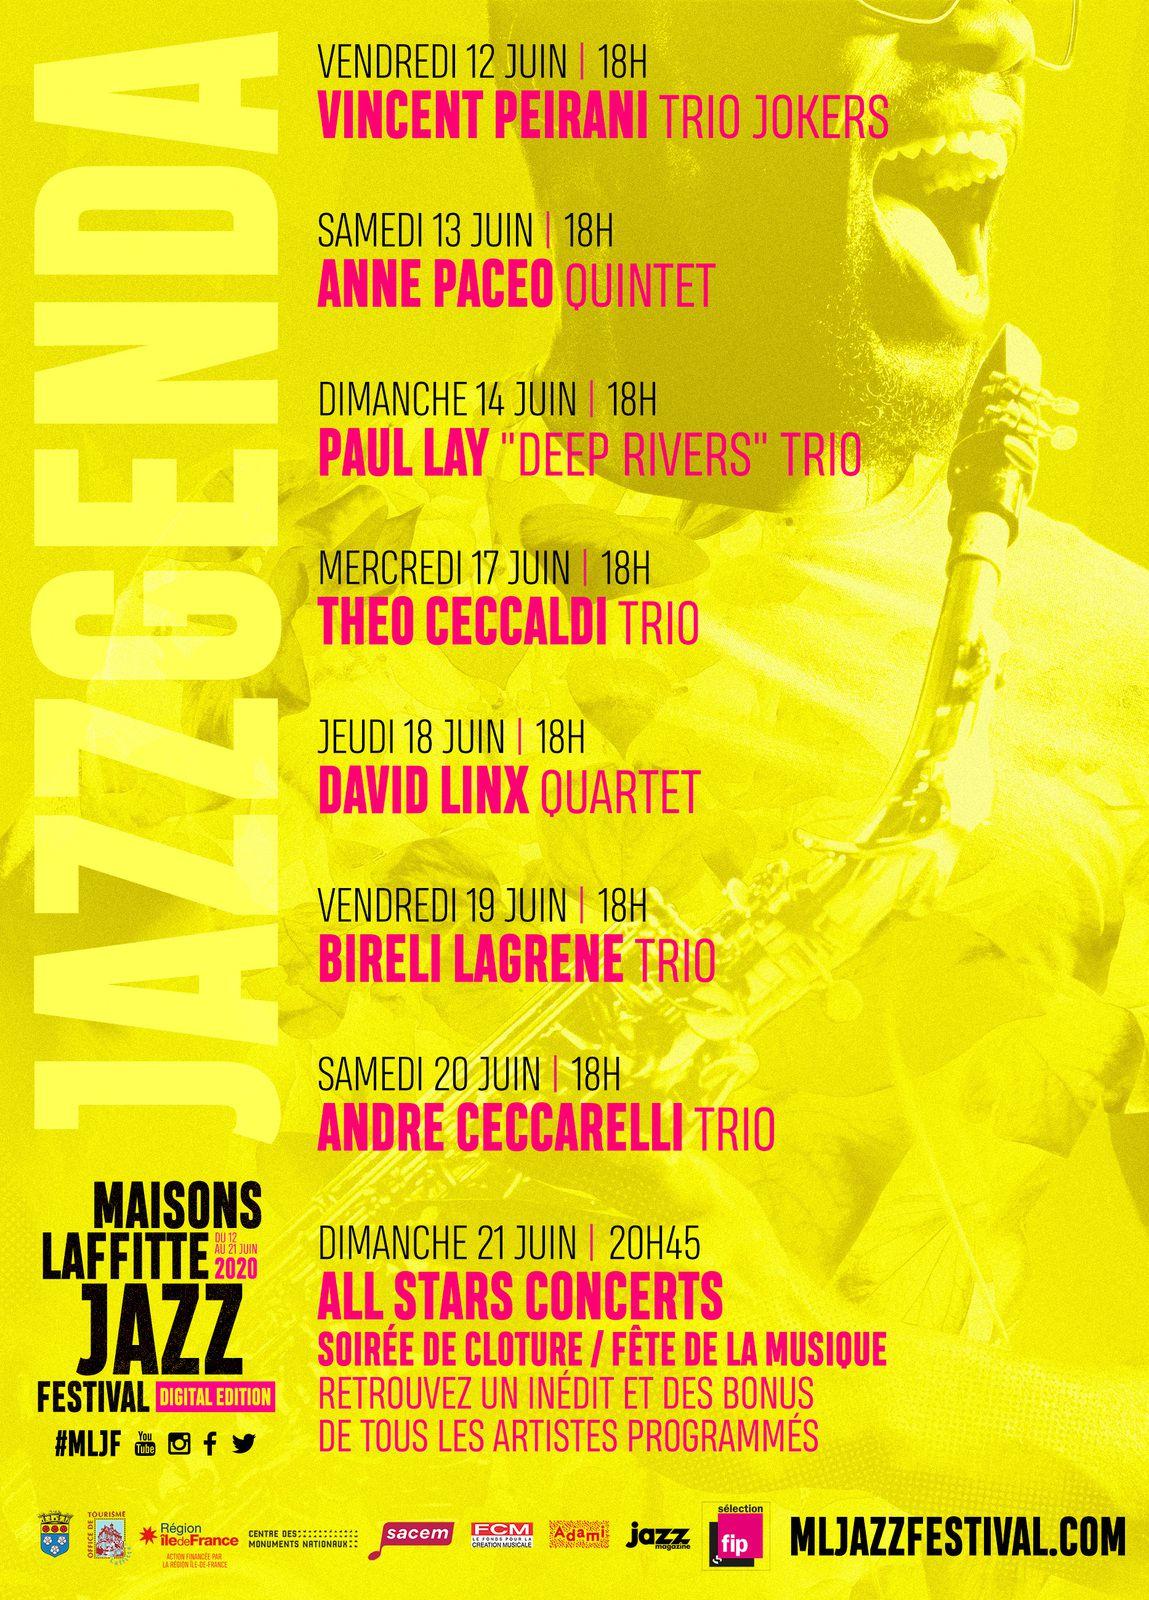 Maison-Laffitte Jazz Festival 018 - 019